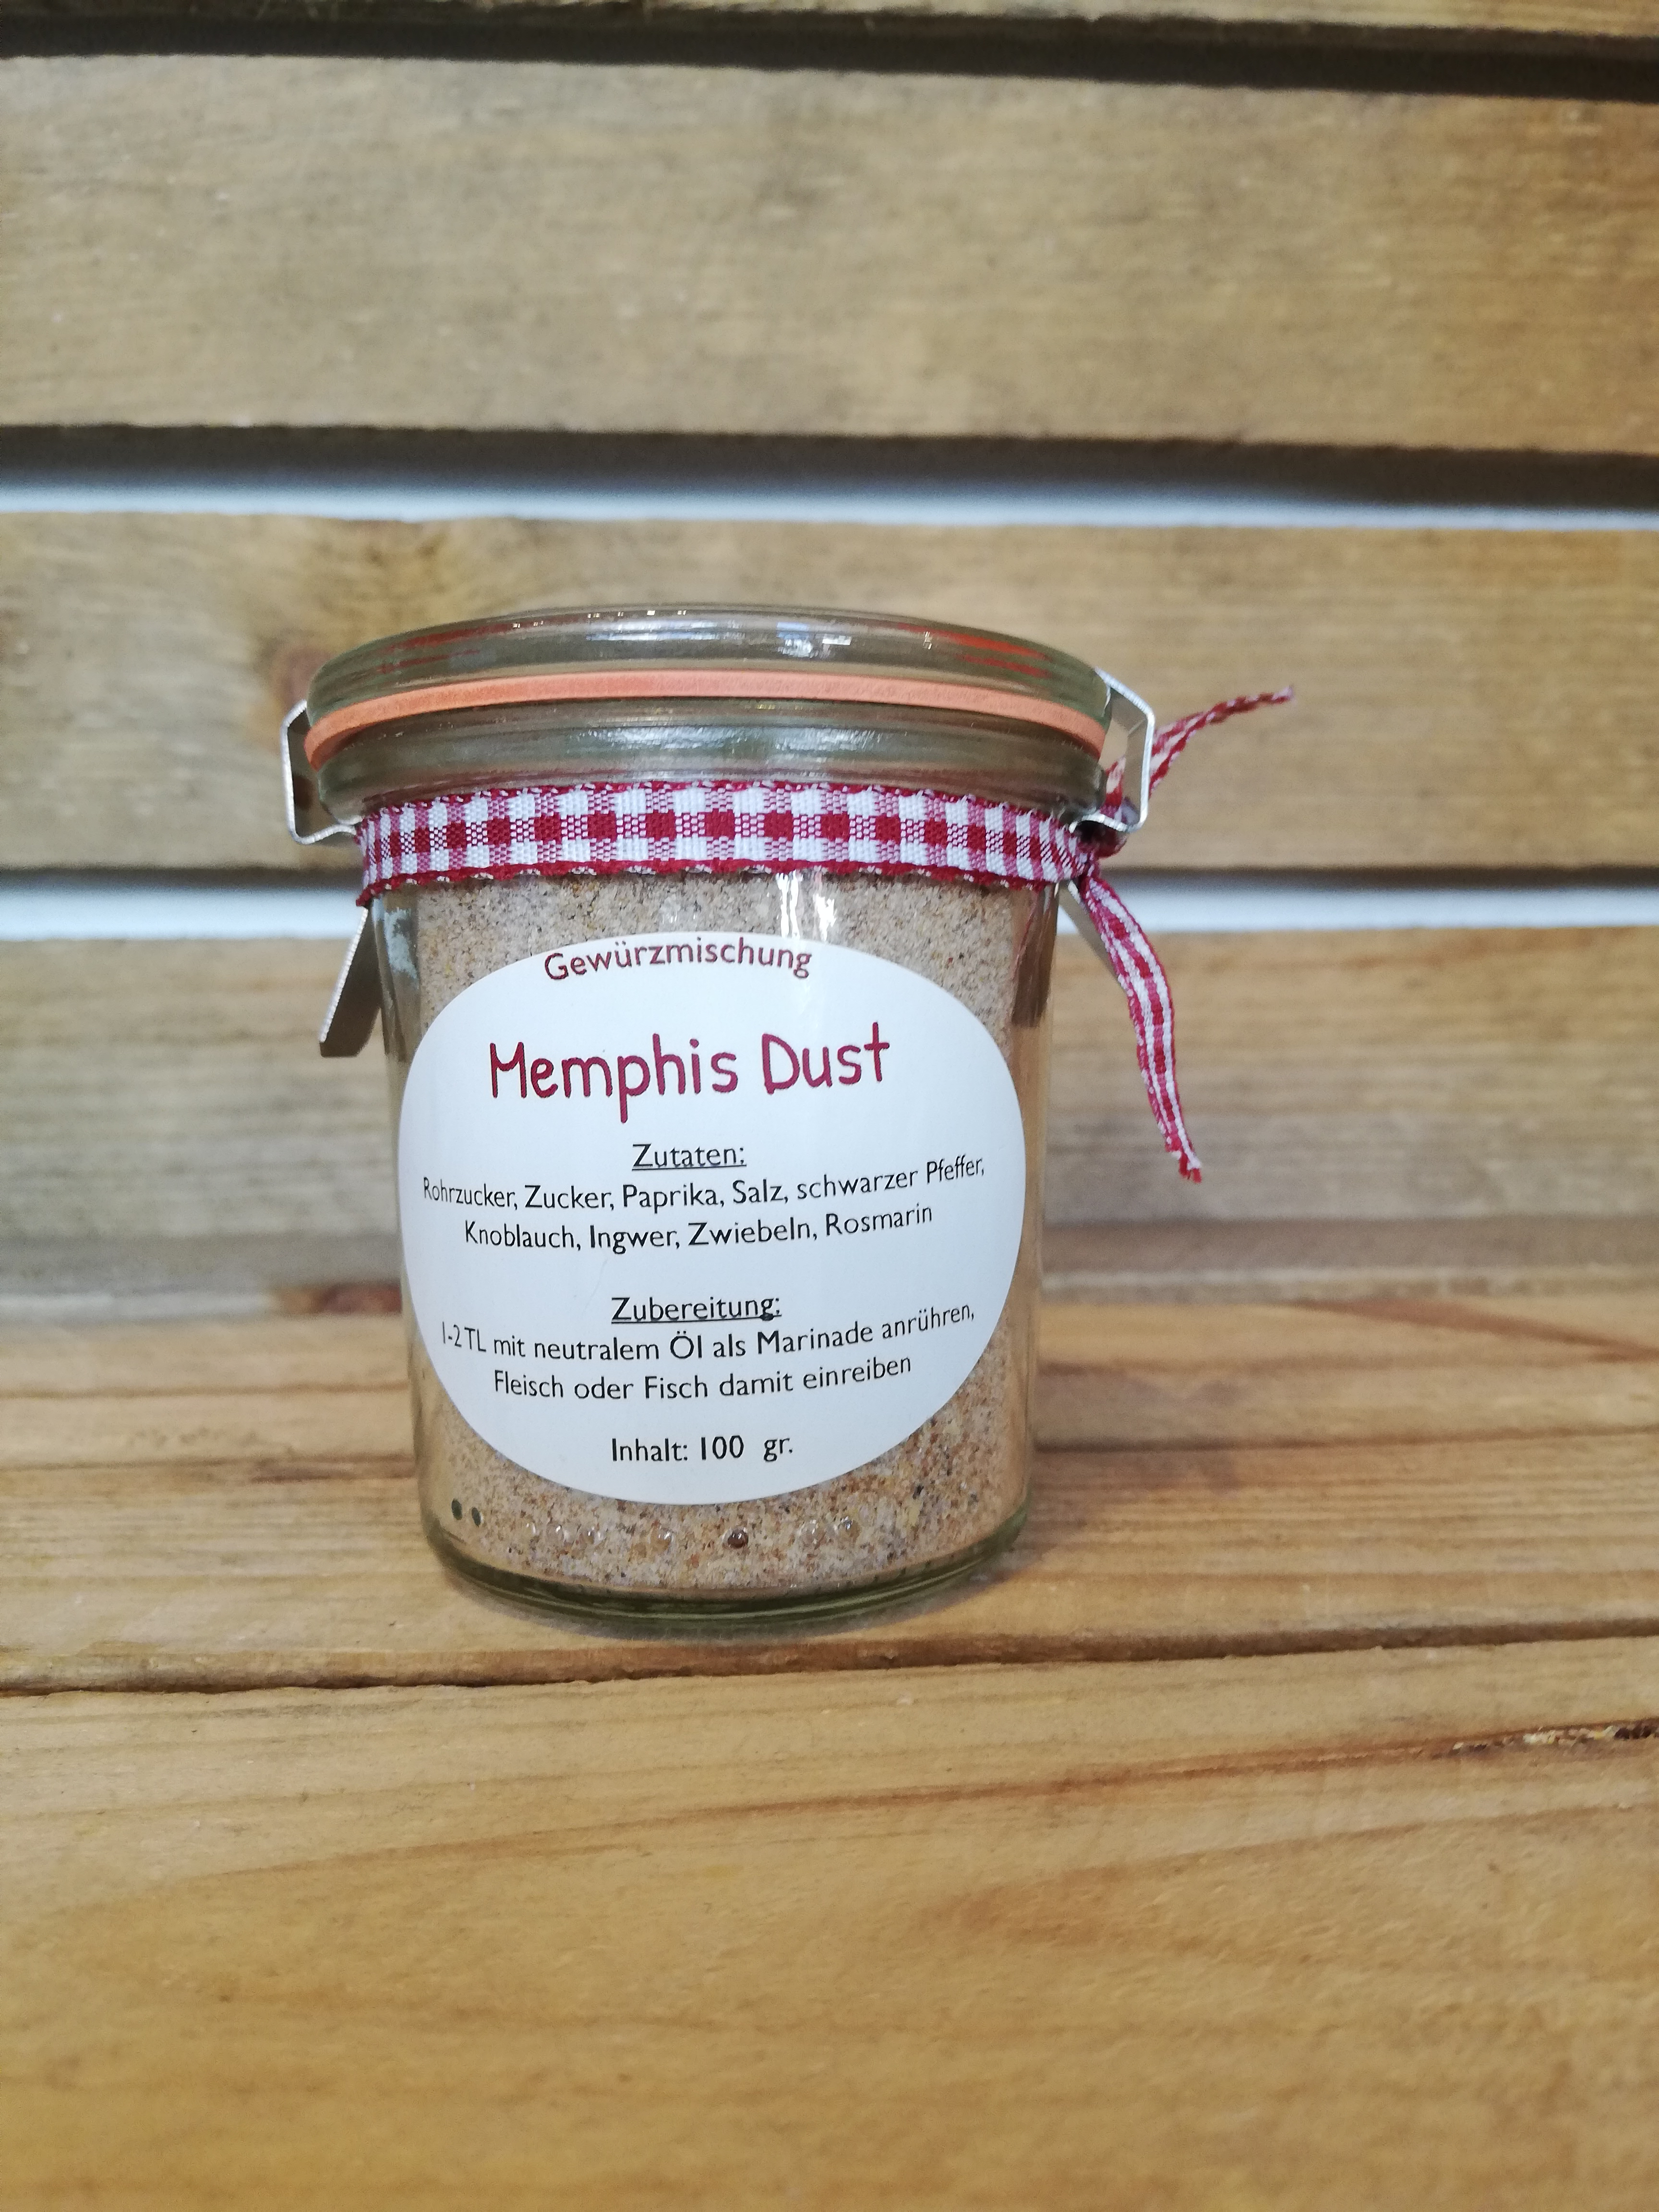 Memphis Dust